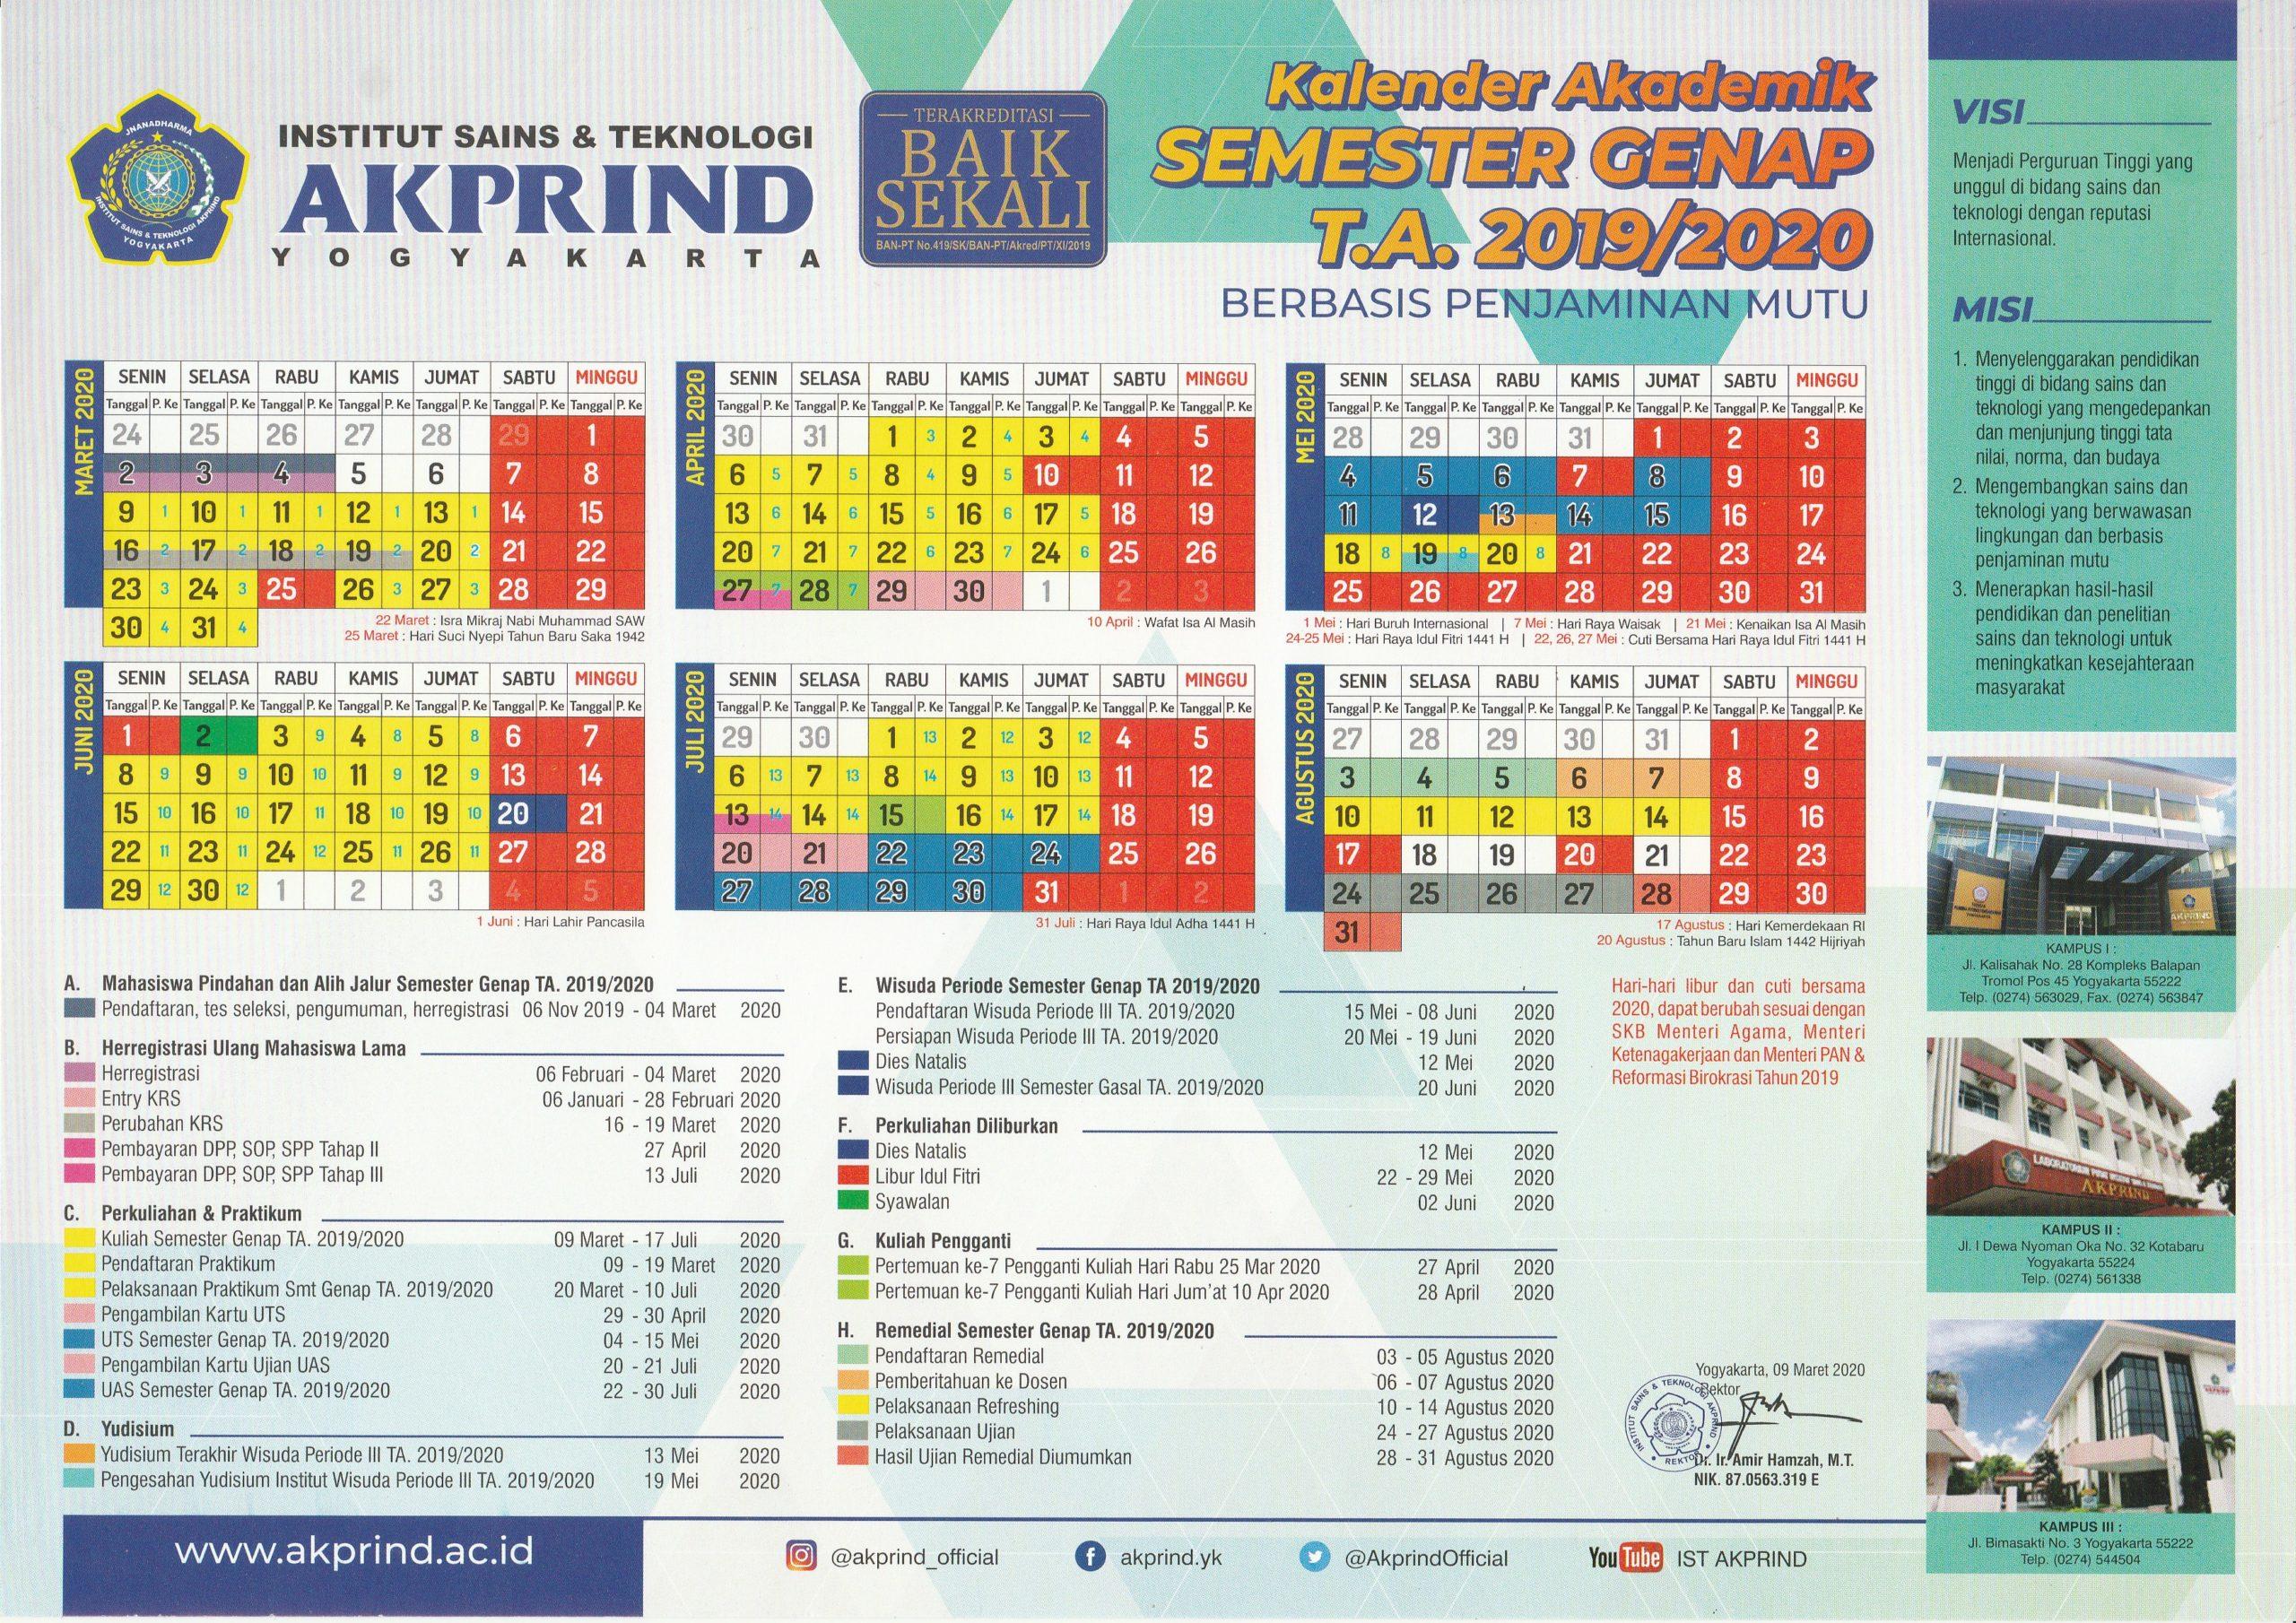 PENGUMUMAN: Kalender Akademik Semester Genap 2019/2020